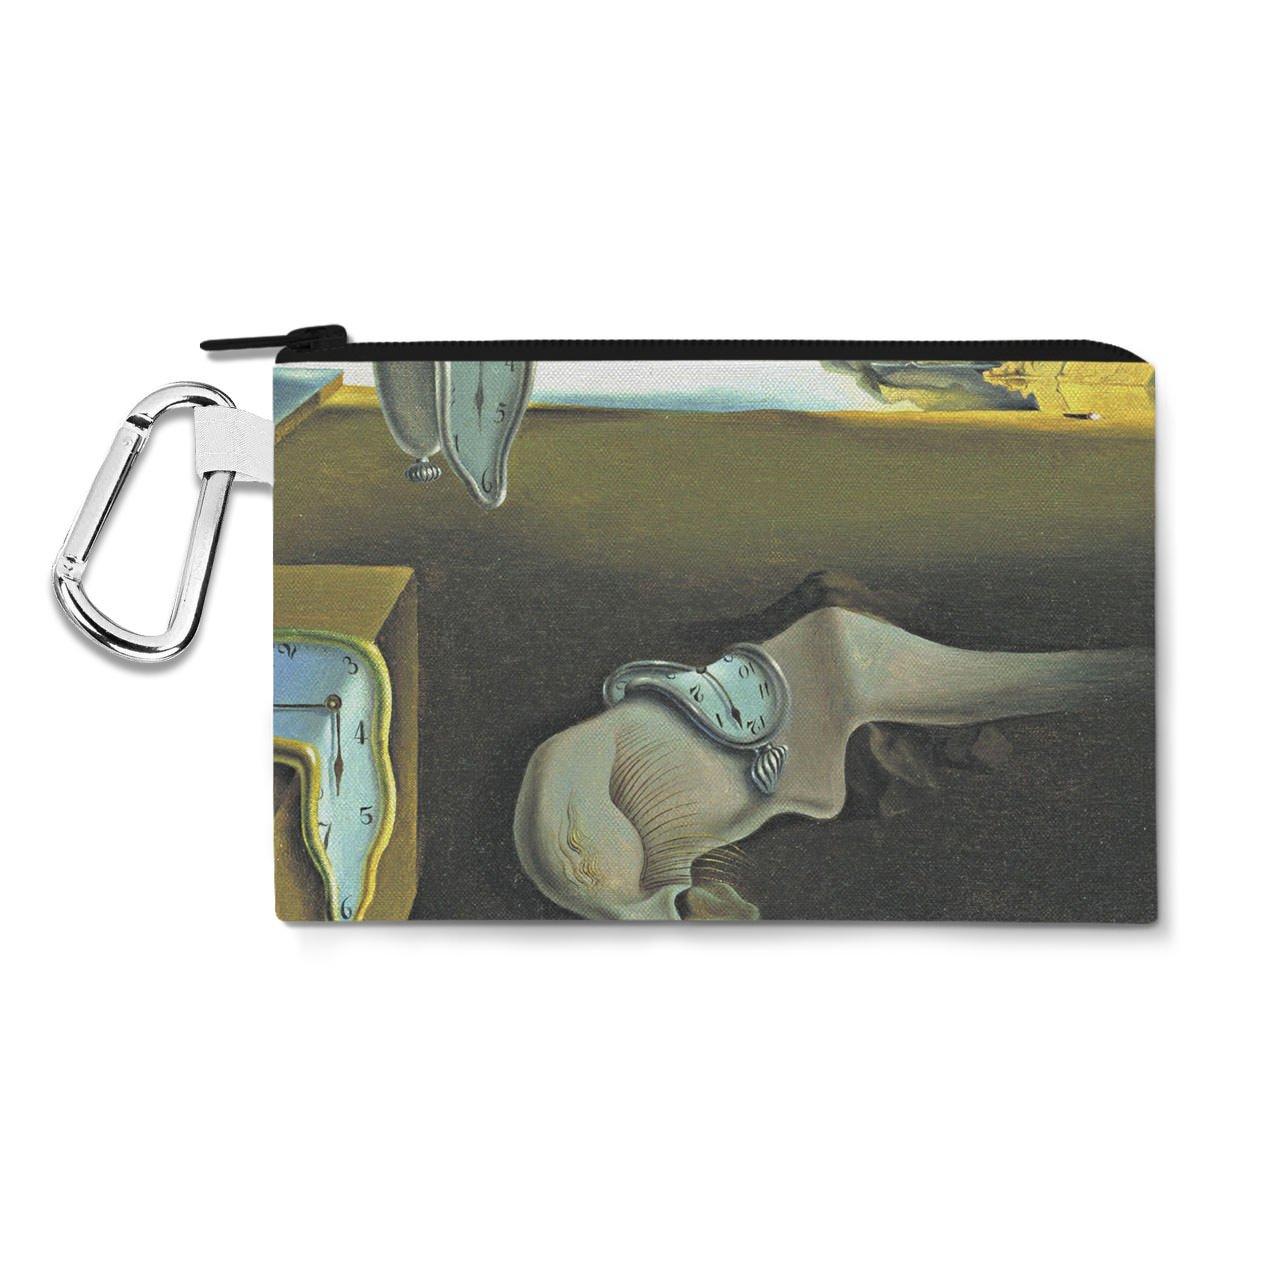 Relojes de fusión Salvador Dalí Fine Art lienzo bolsa Zip - multiusos Estuche Bolsa en 6 tamaños, color multicolor 3XL Canvas Pouch 14x11 inch: Amazon.es: ...